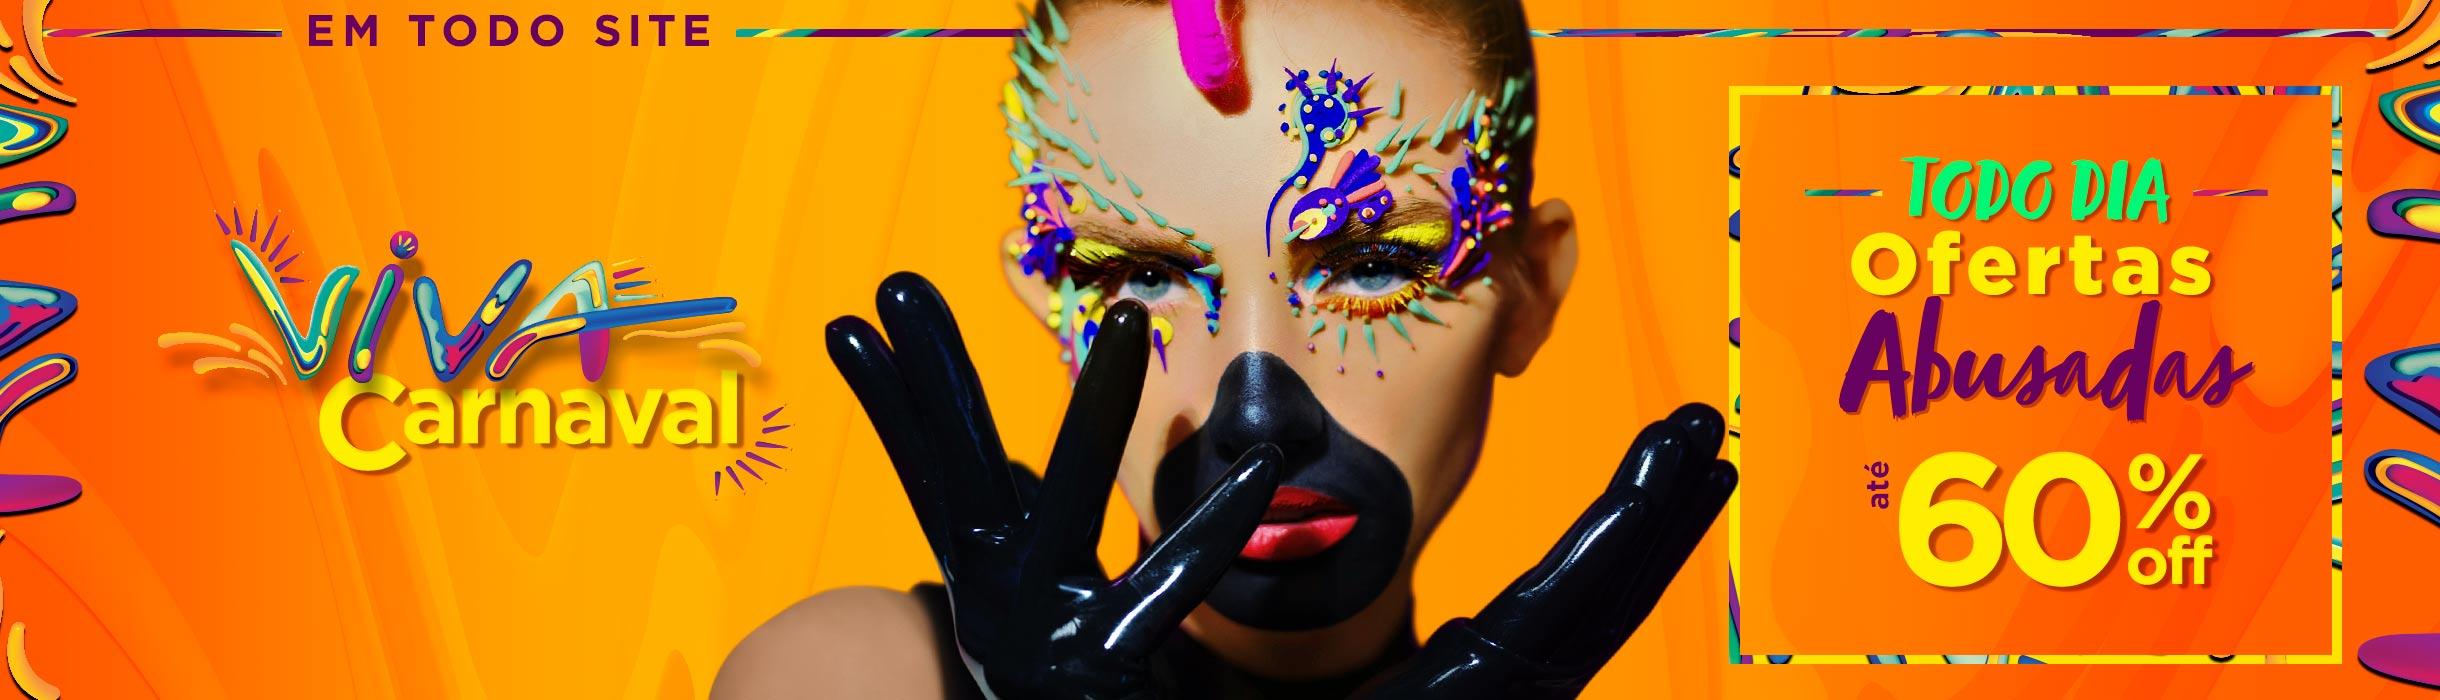 Ofertas e Promoção de Carnaval